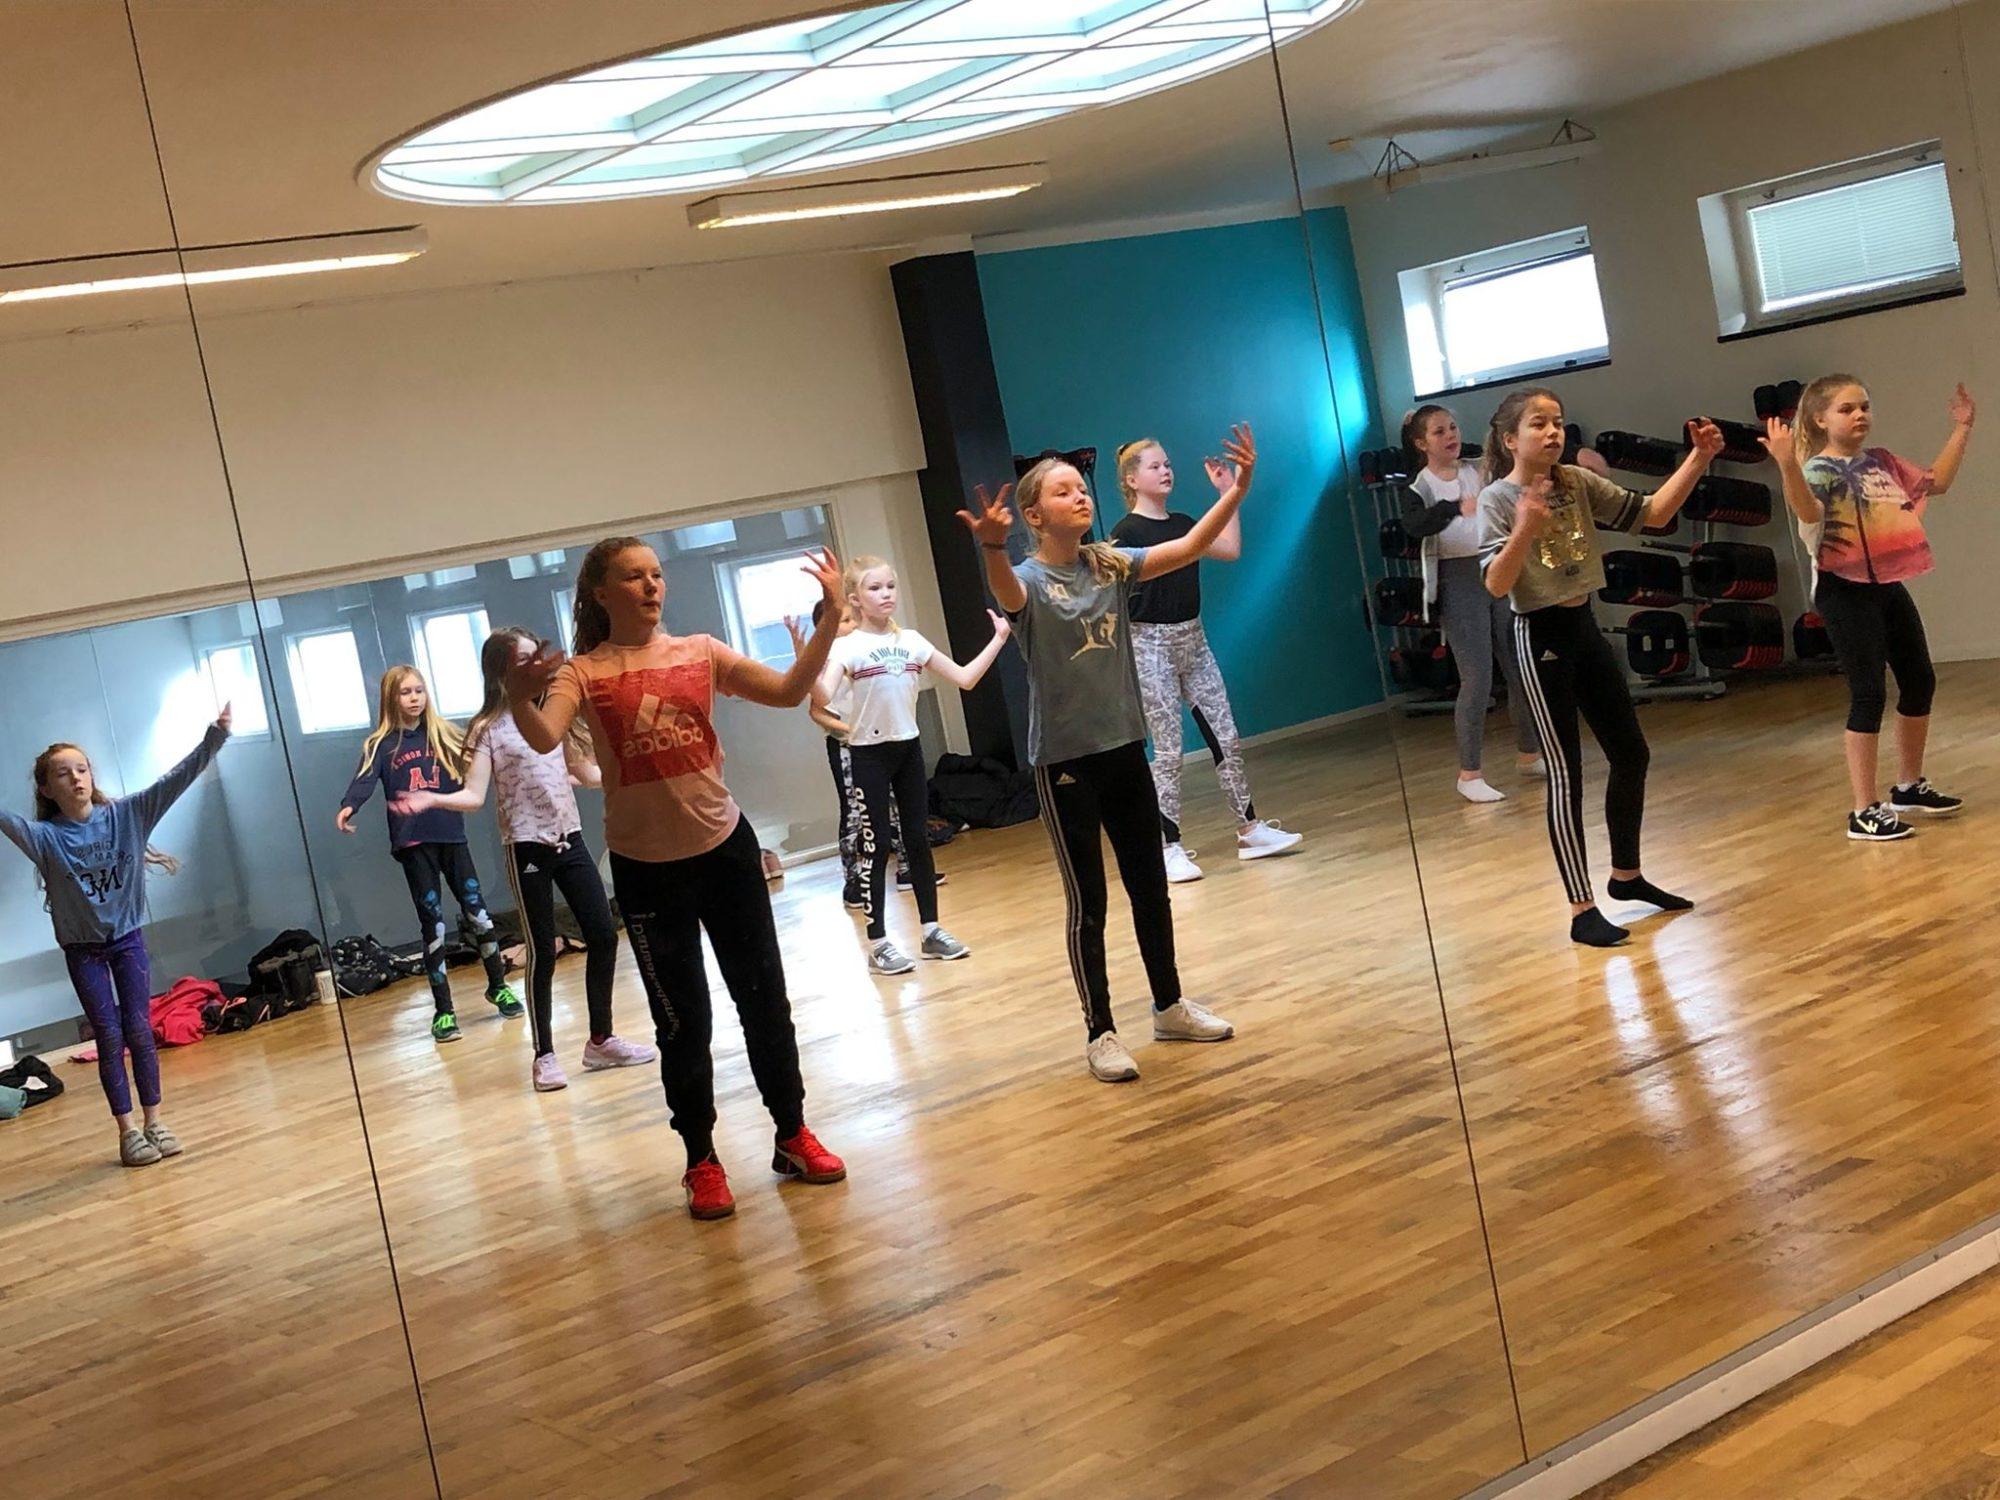 Tjejer dansar framför spegel